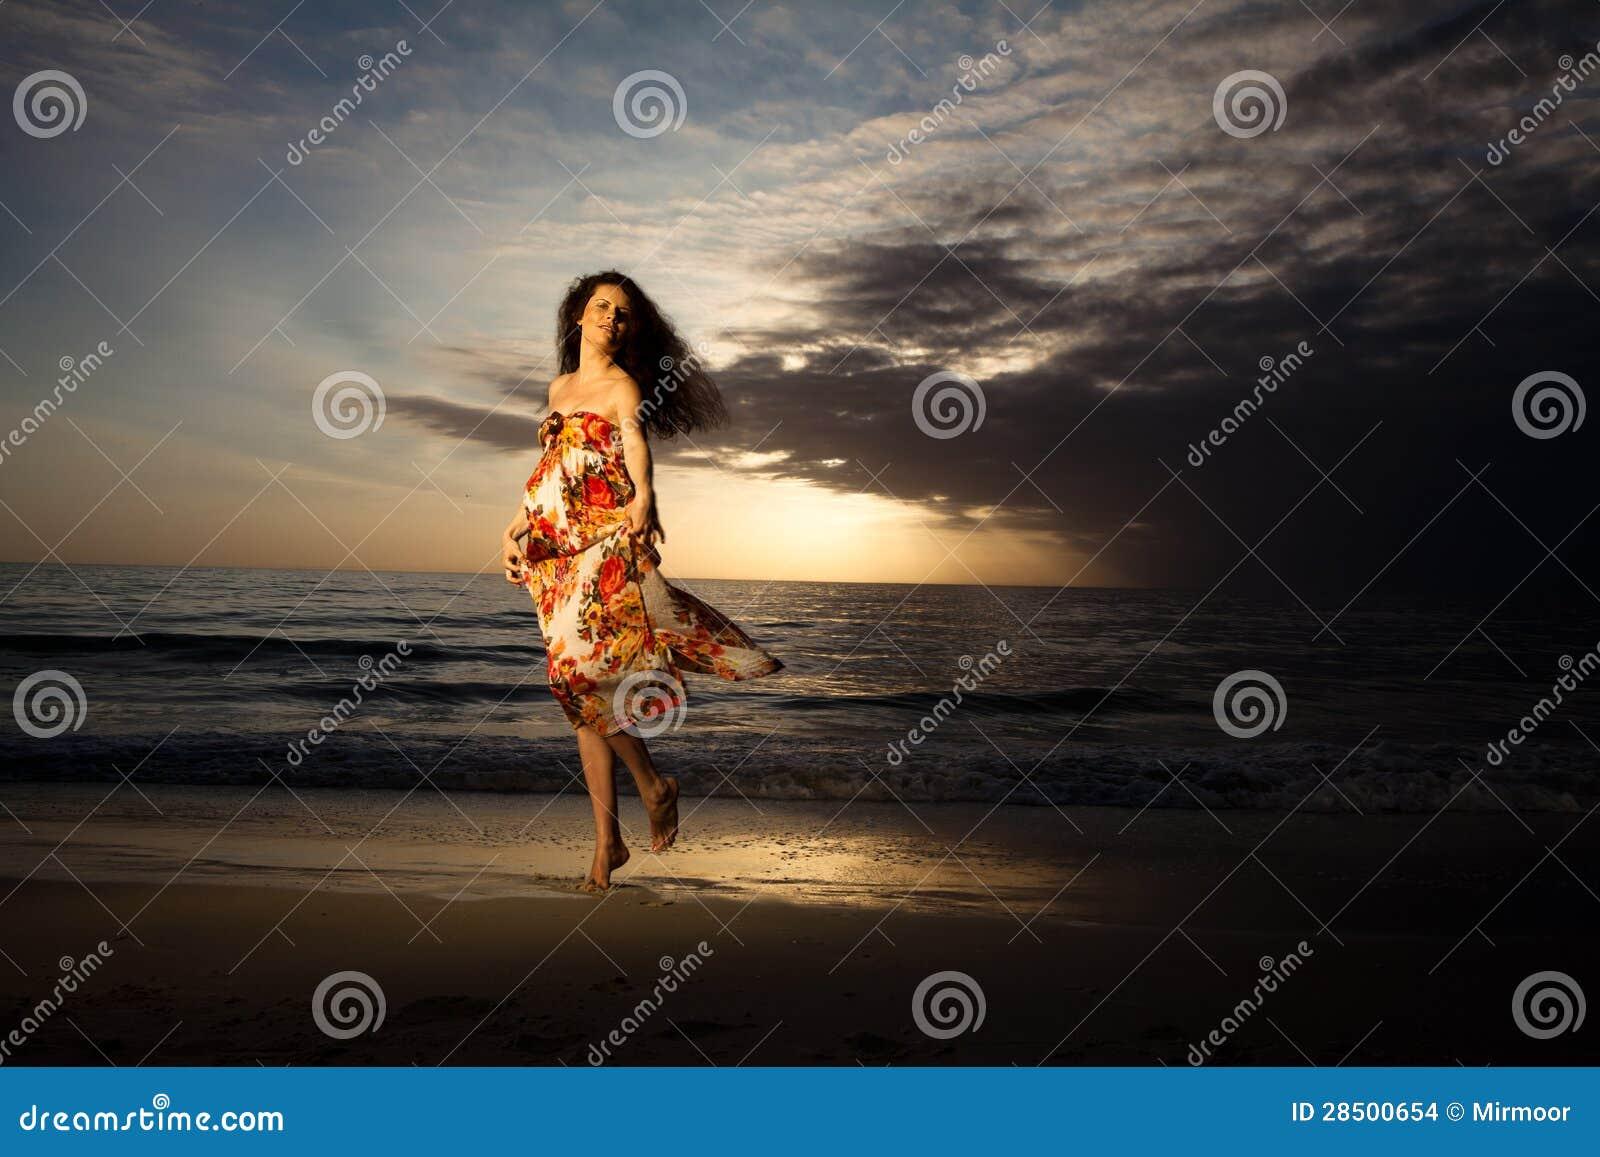 Baile de la mujer embarazada en la playa hermosa.